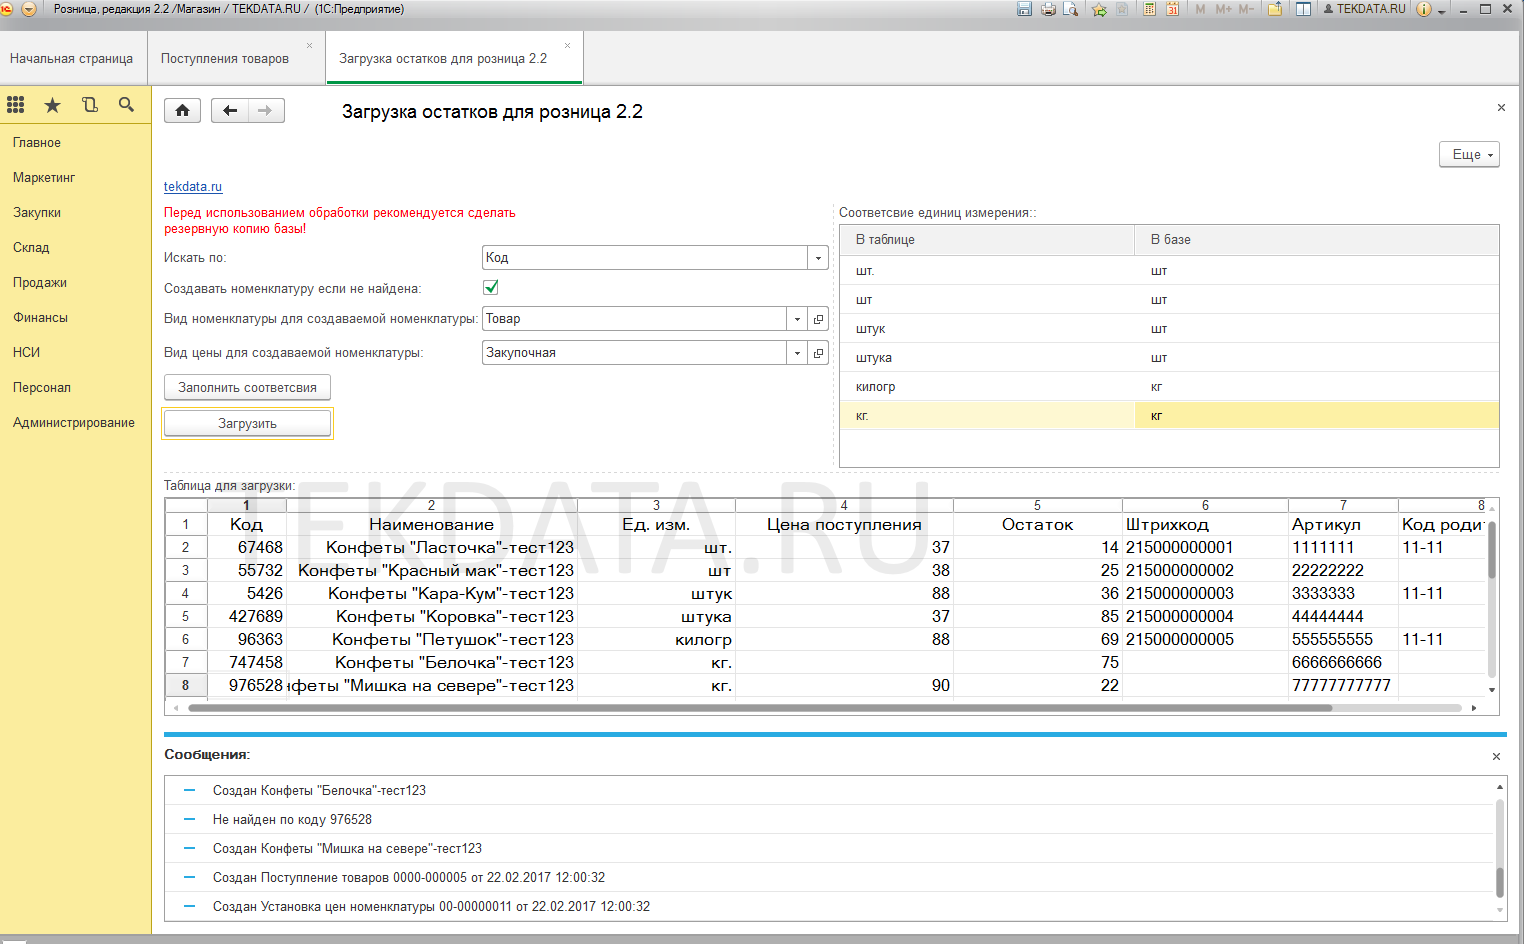 Загрузка номенклатуры, цен, остатков, документов поступления из Excel в 1С:Розница 2.2 (Внешняя обработка)